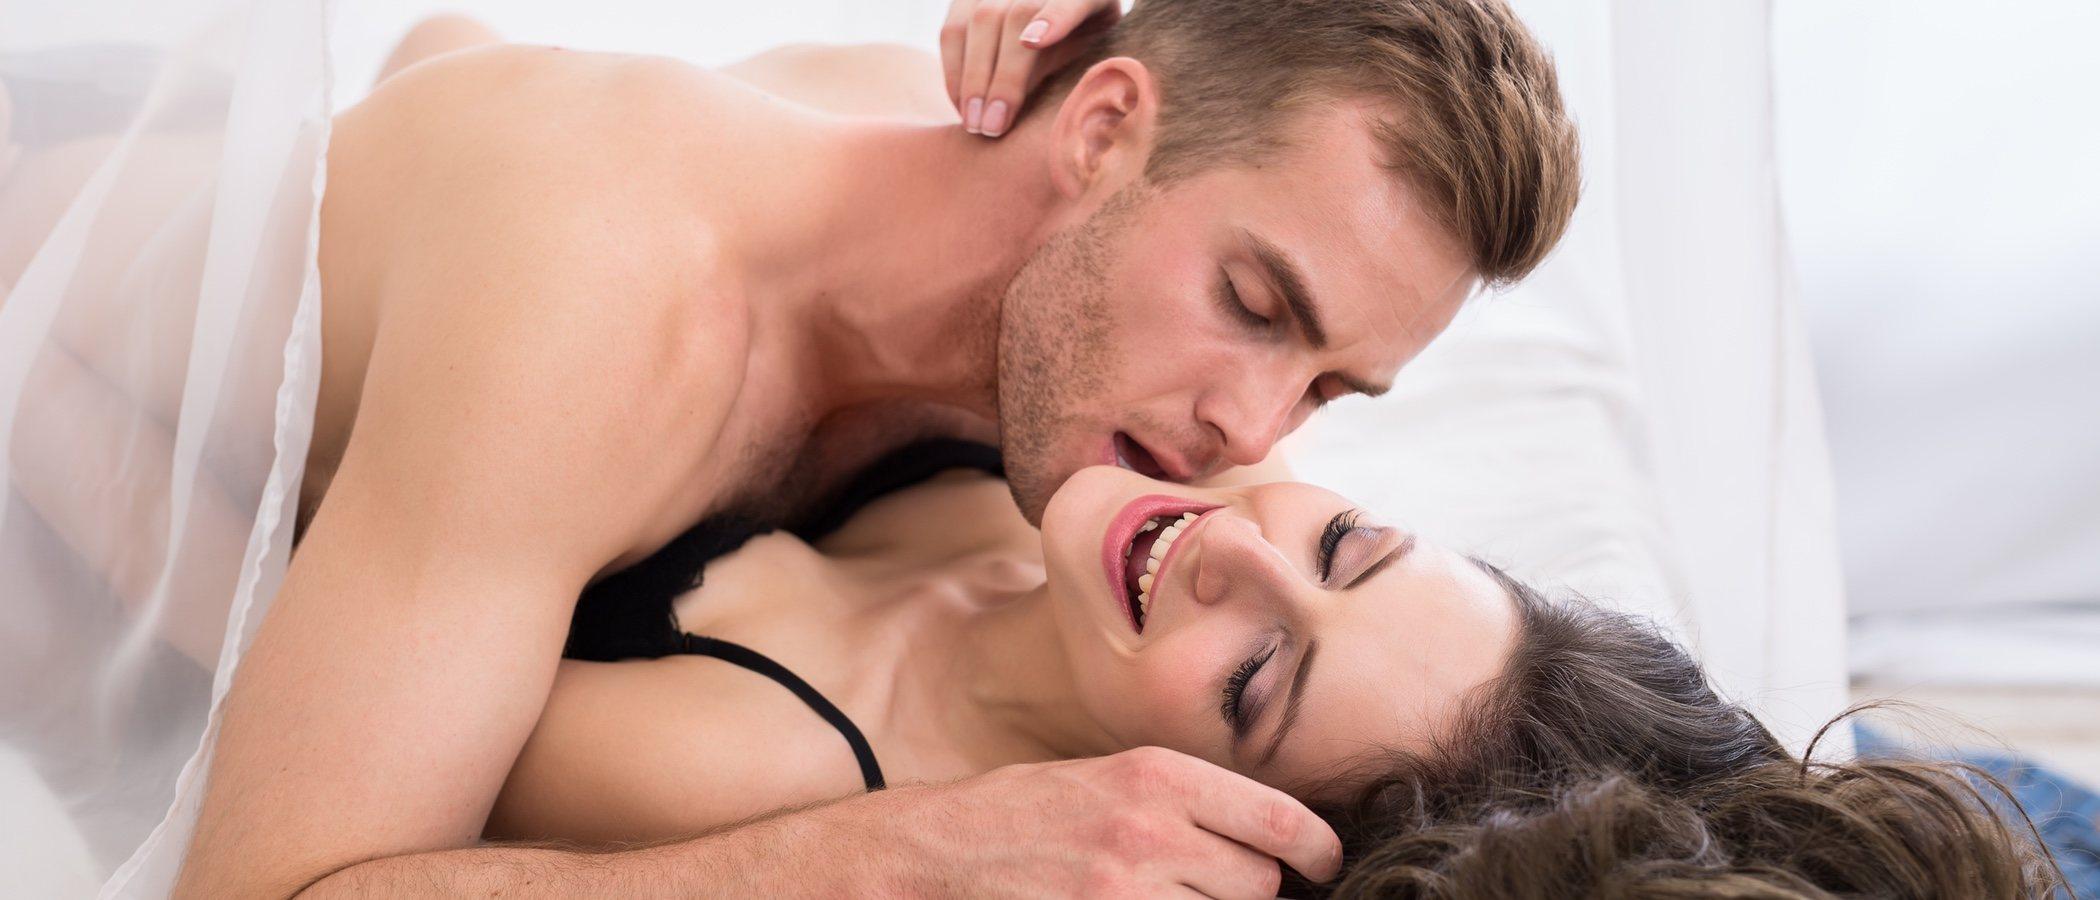 Horóscopo sexual marzo 2020: Acuario